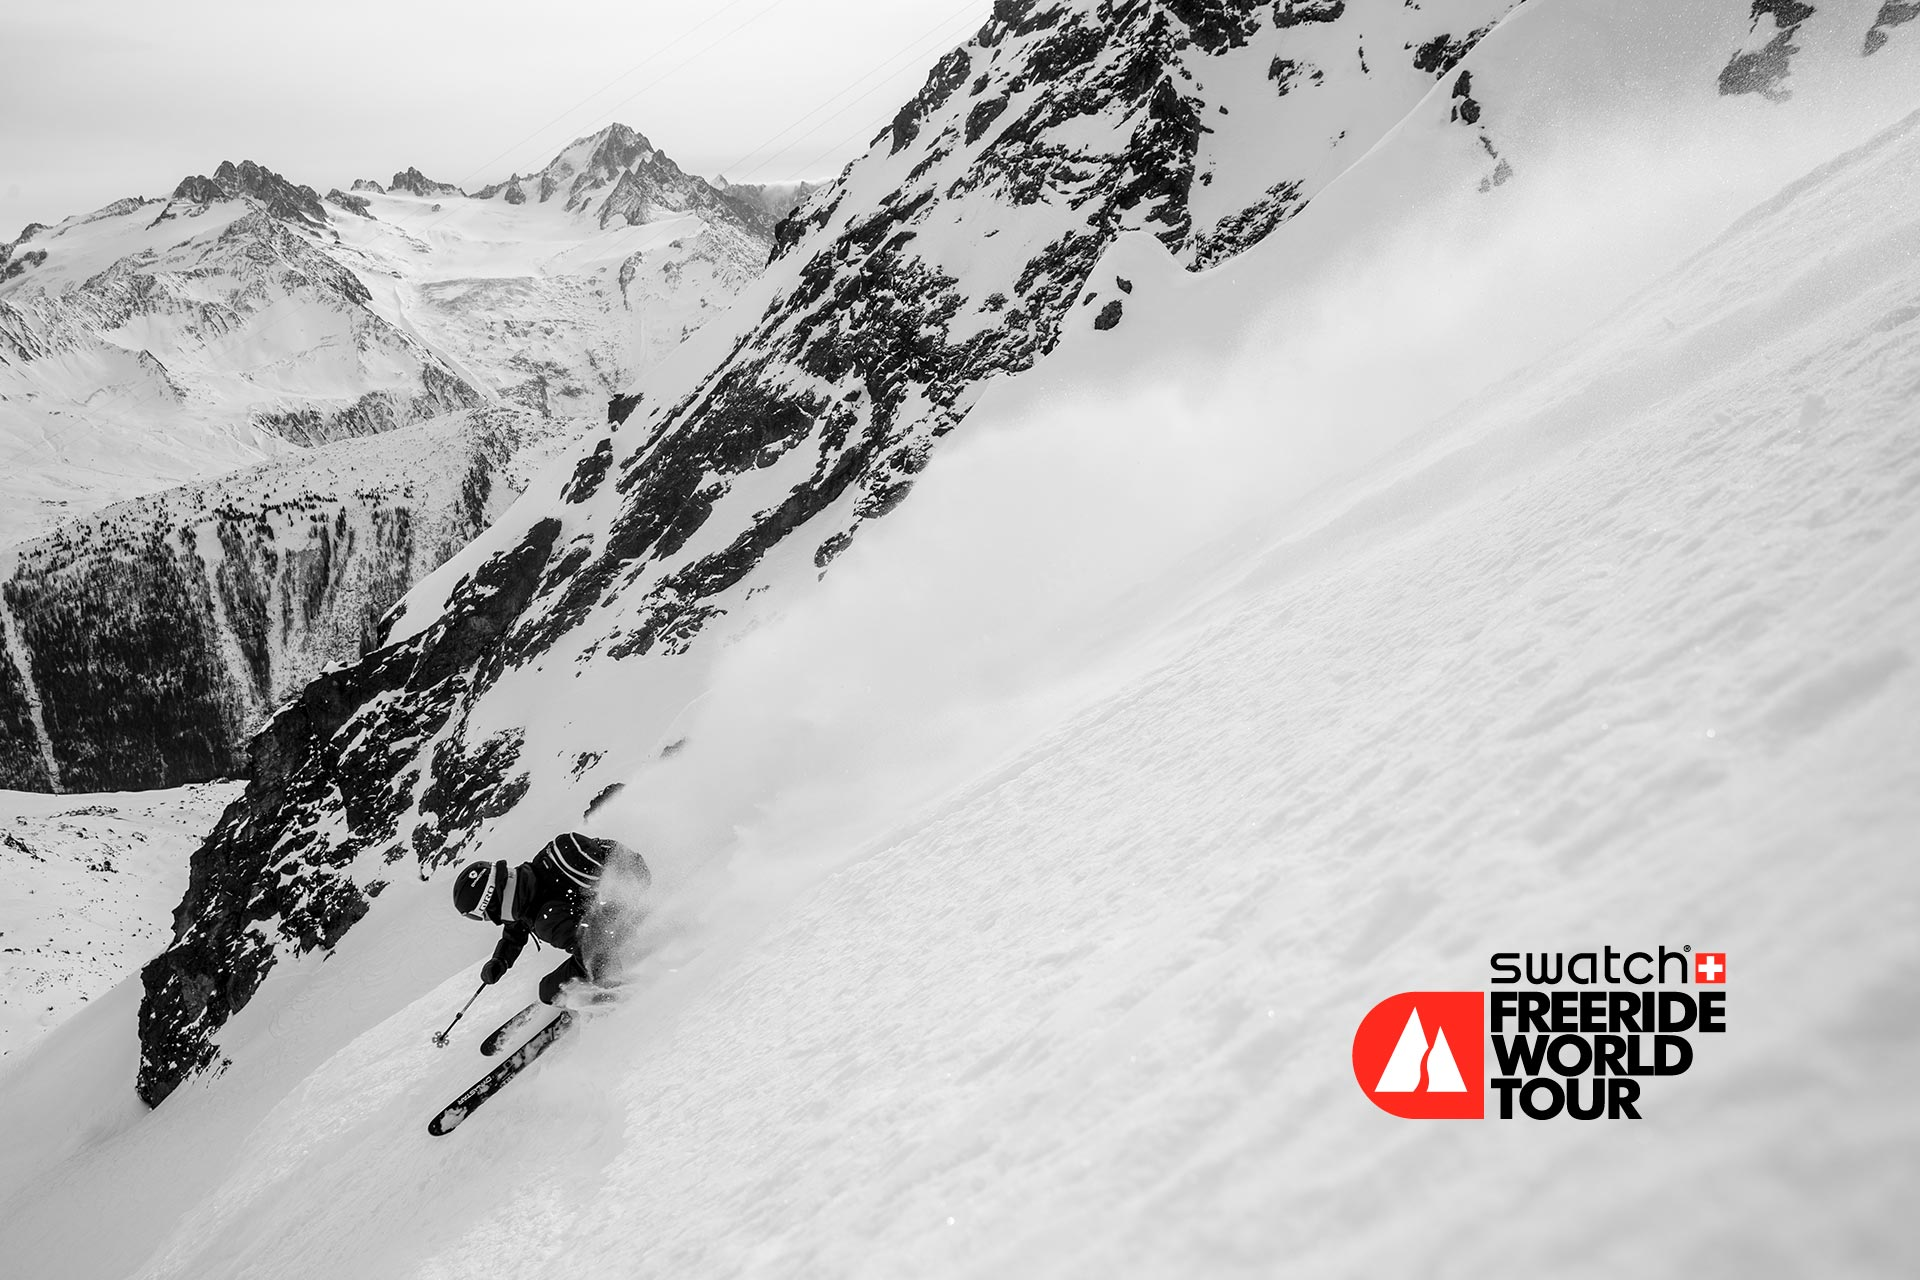 Freeride World Tour Auftakt nach Andorra verlegt